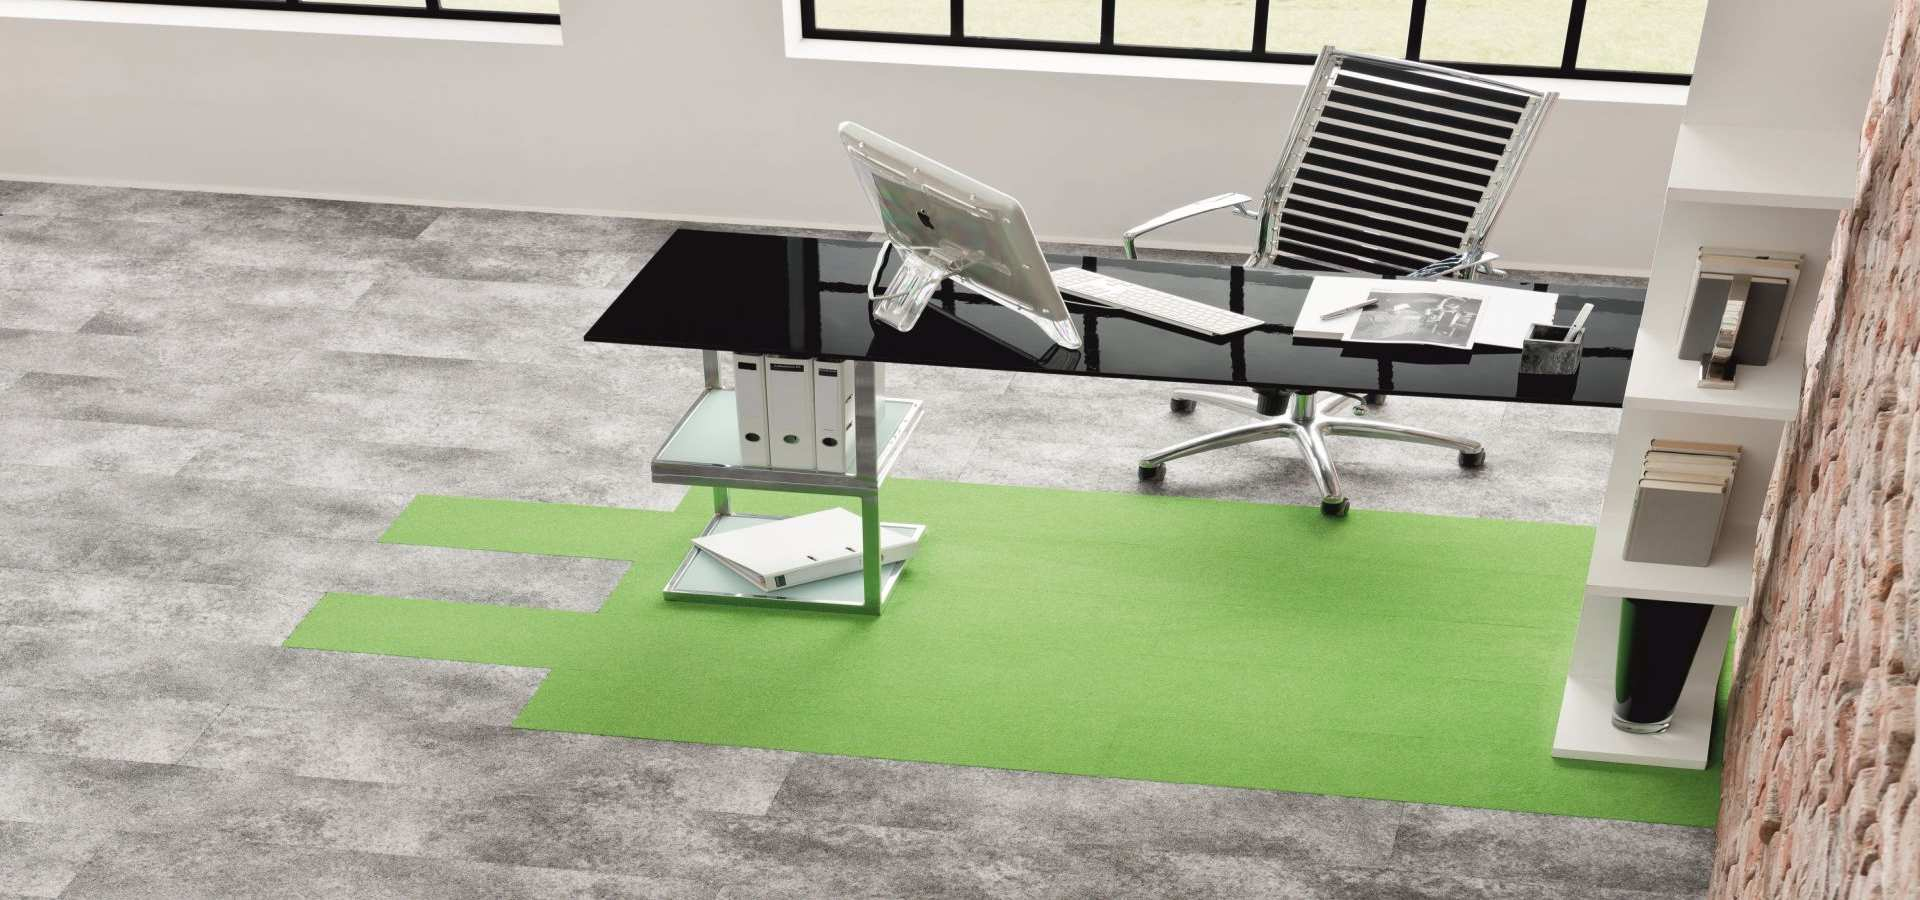 Bild Office Teppichboden Fliese in Büro grau mit grün